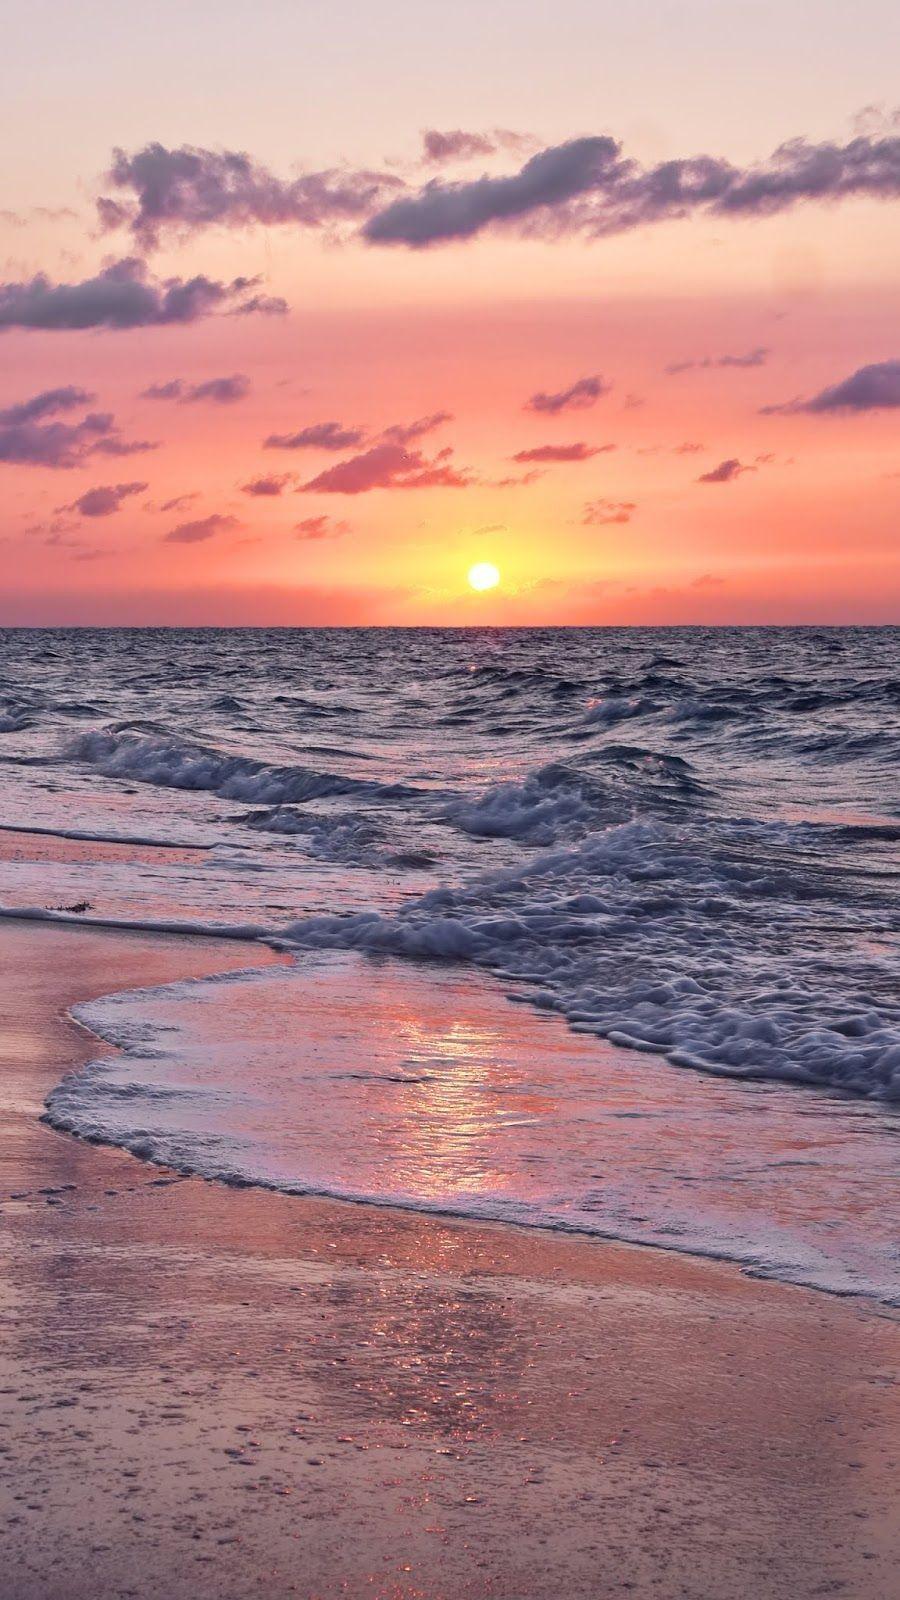 Coucher de soleil sur la plage  - Fond d ecrant iphone #fondecran #fond #wallpa... - android